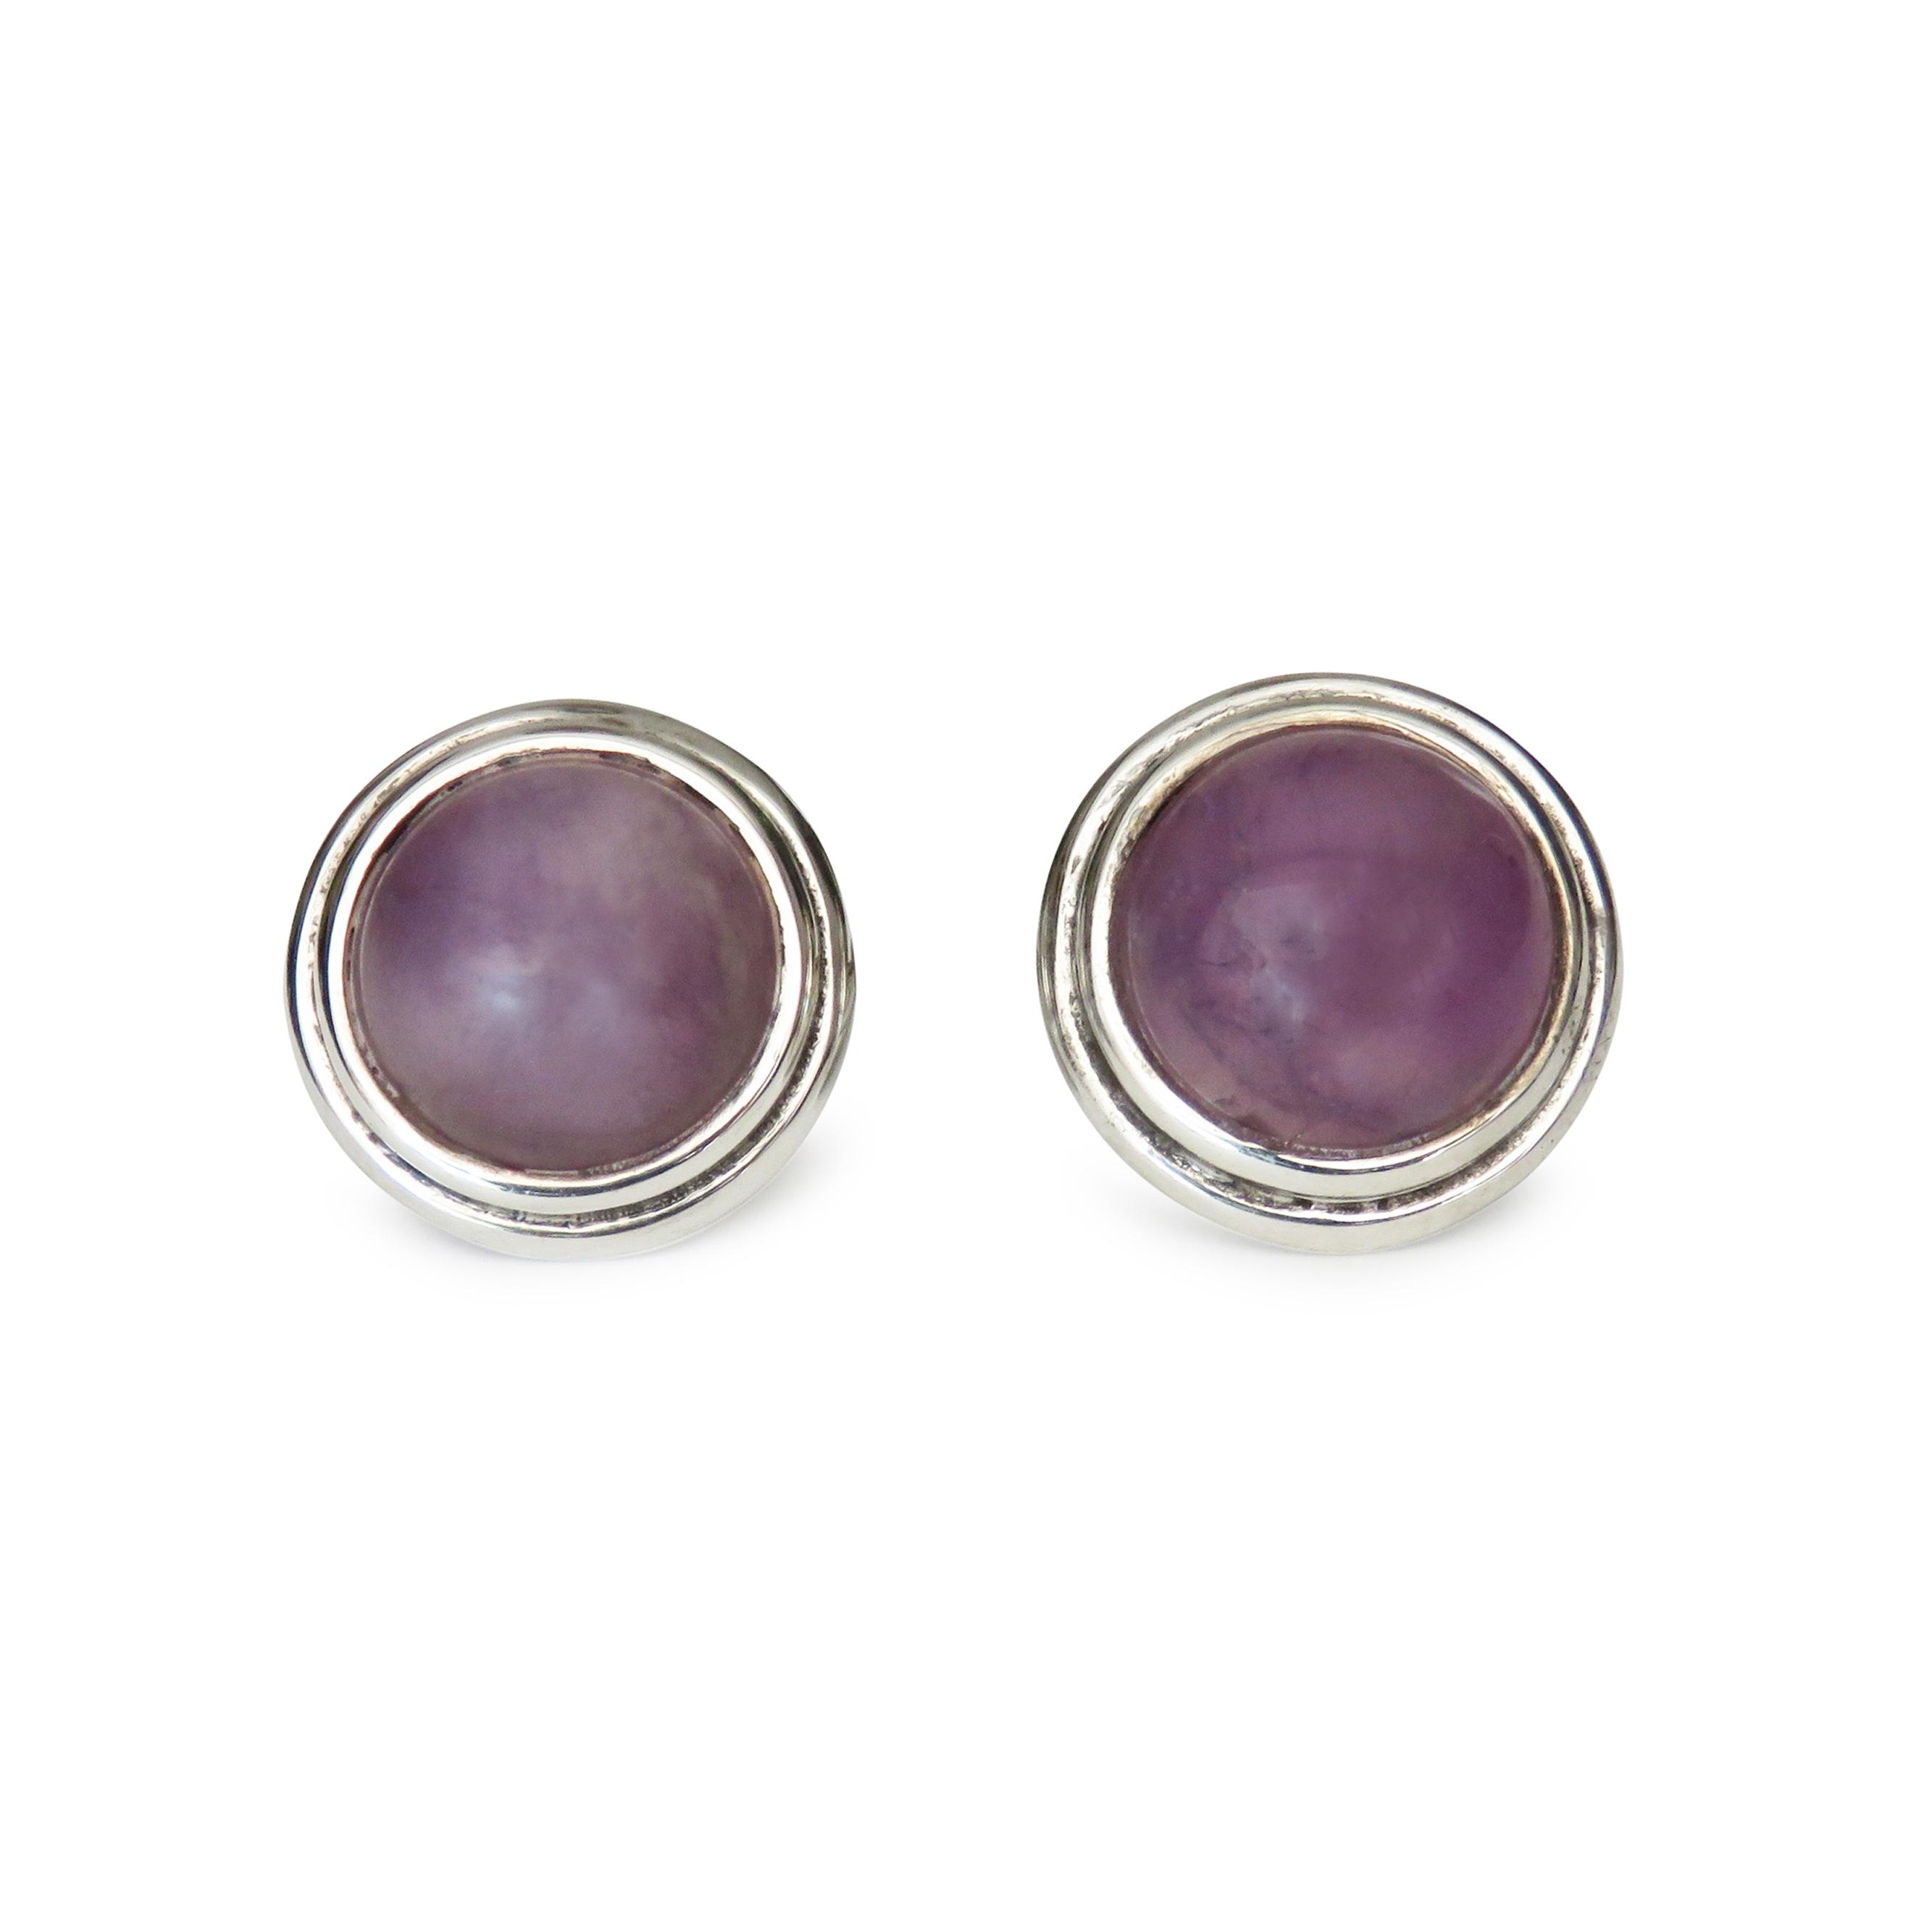 ISABEL ENGLEBERT Dandy Purple Amethyst Cufflinks